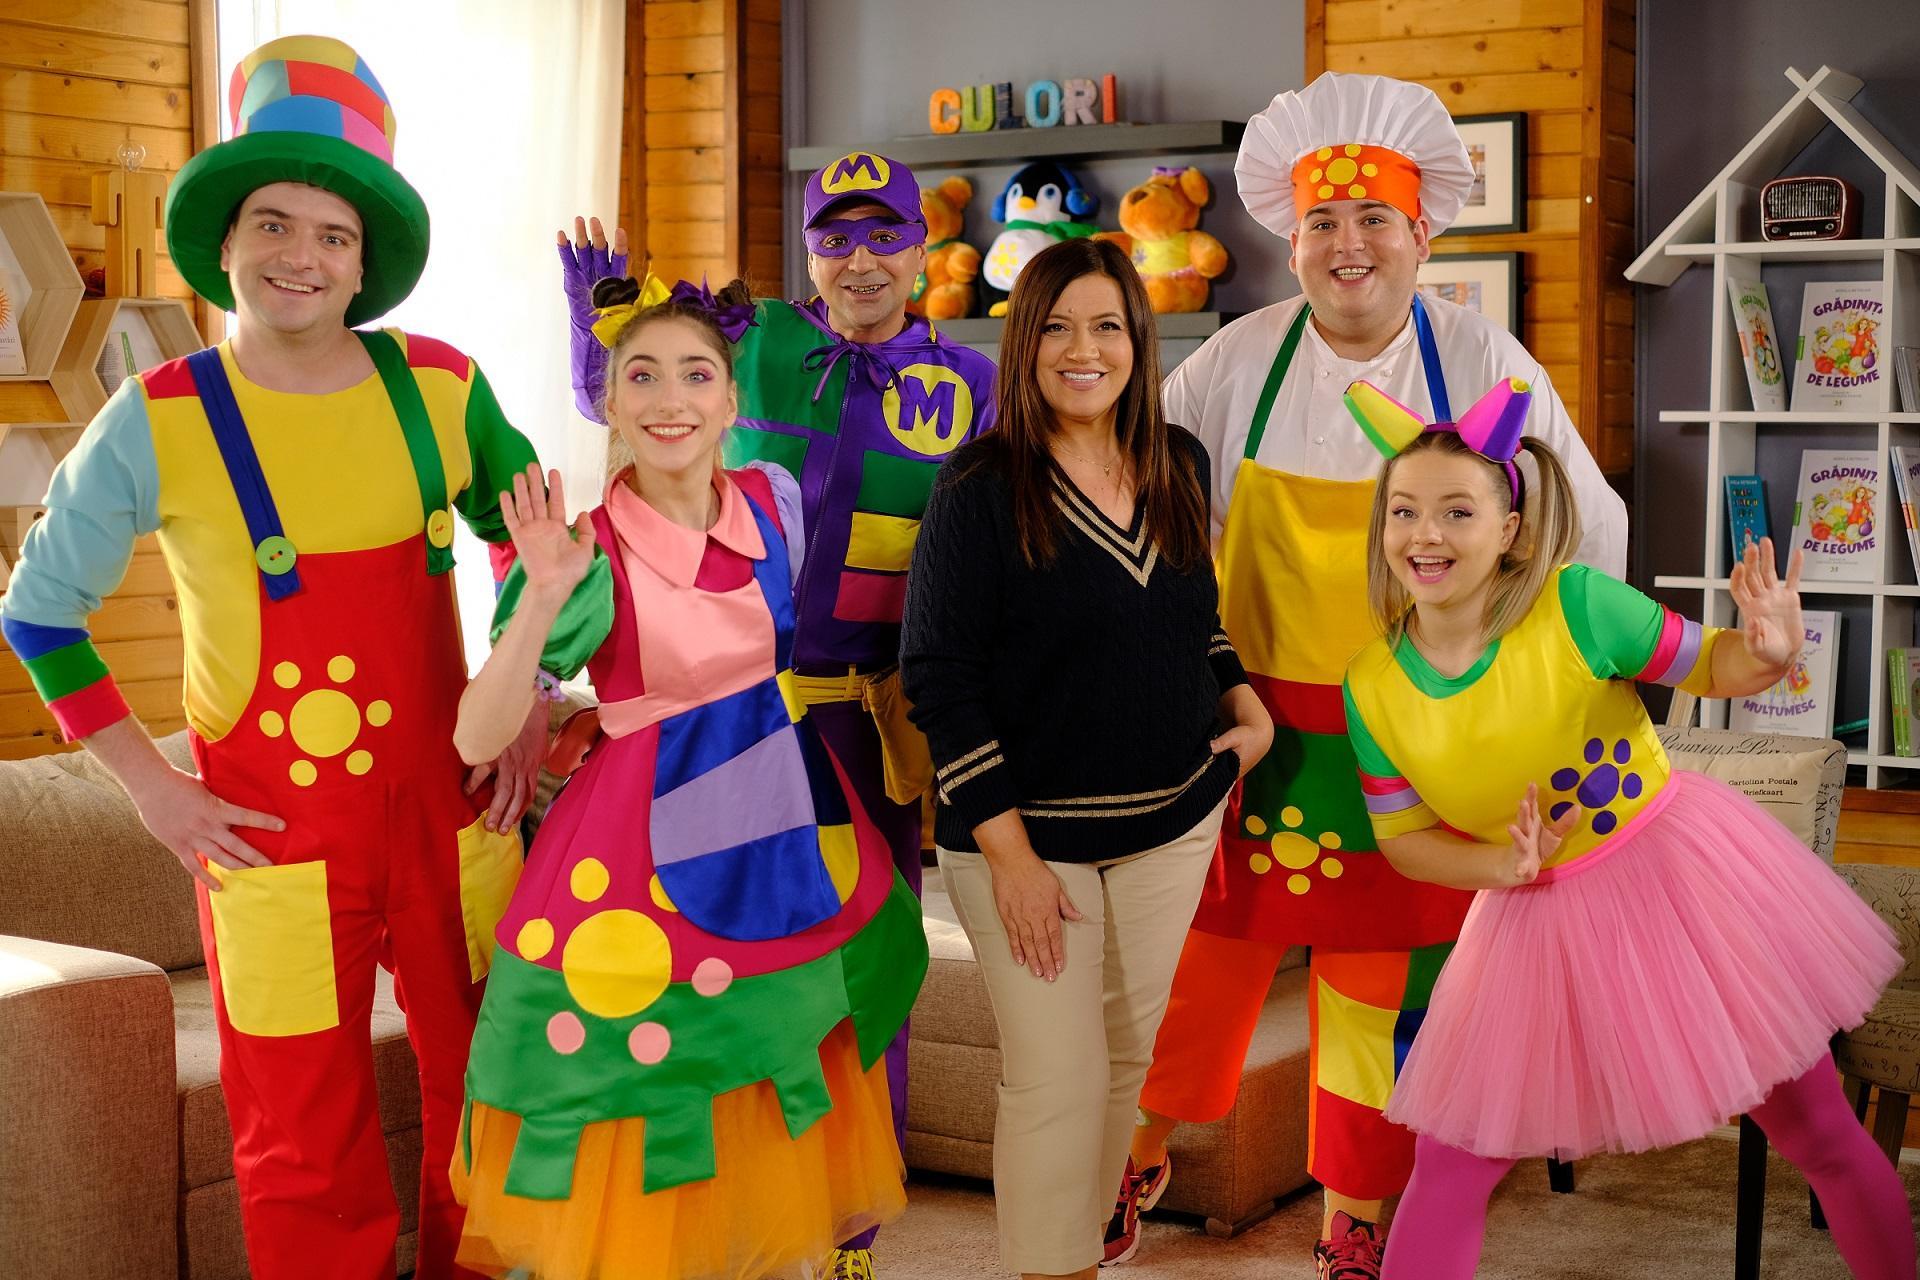 Casa Zurli revine la Antena 1 cu un sezon nou! Când va fi difuzată emisiunea